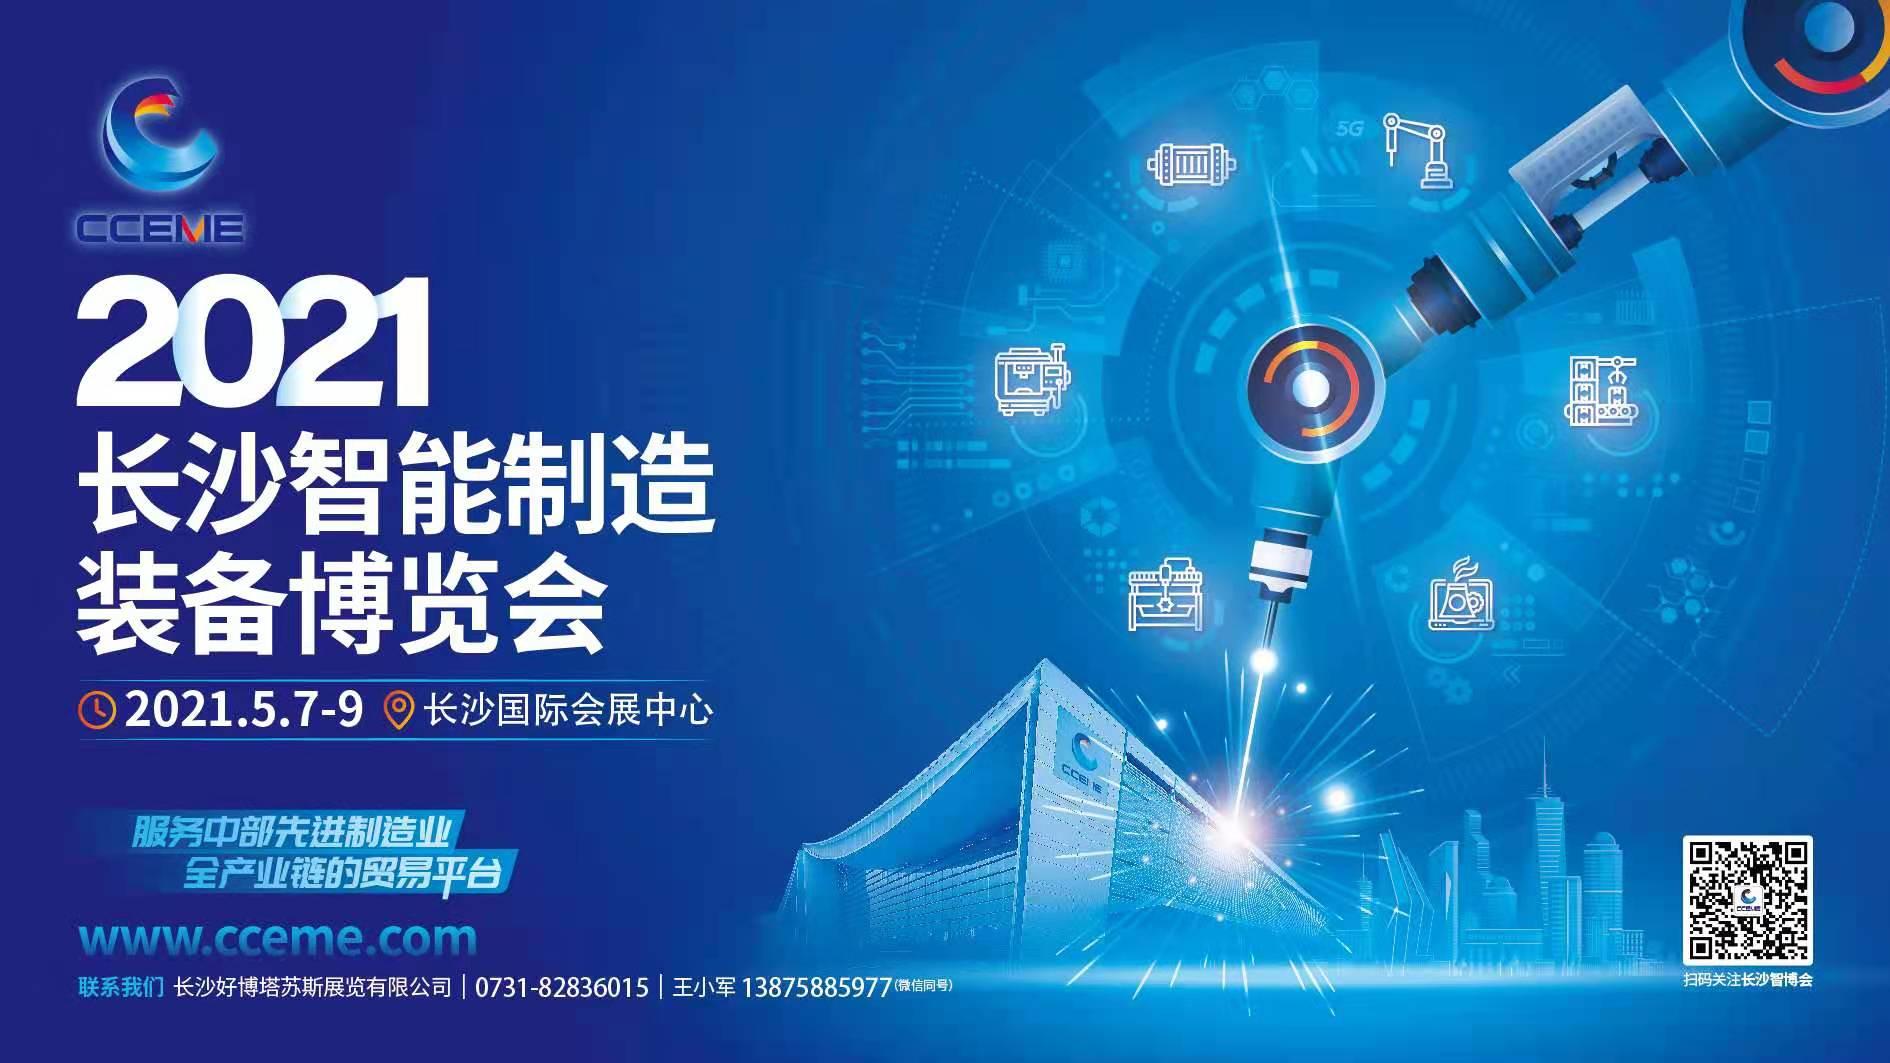 2021第22屆長沙智能制造裝備博覽會